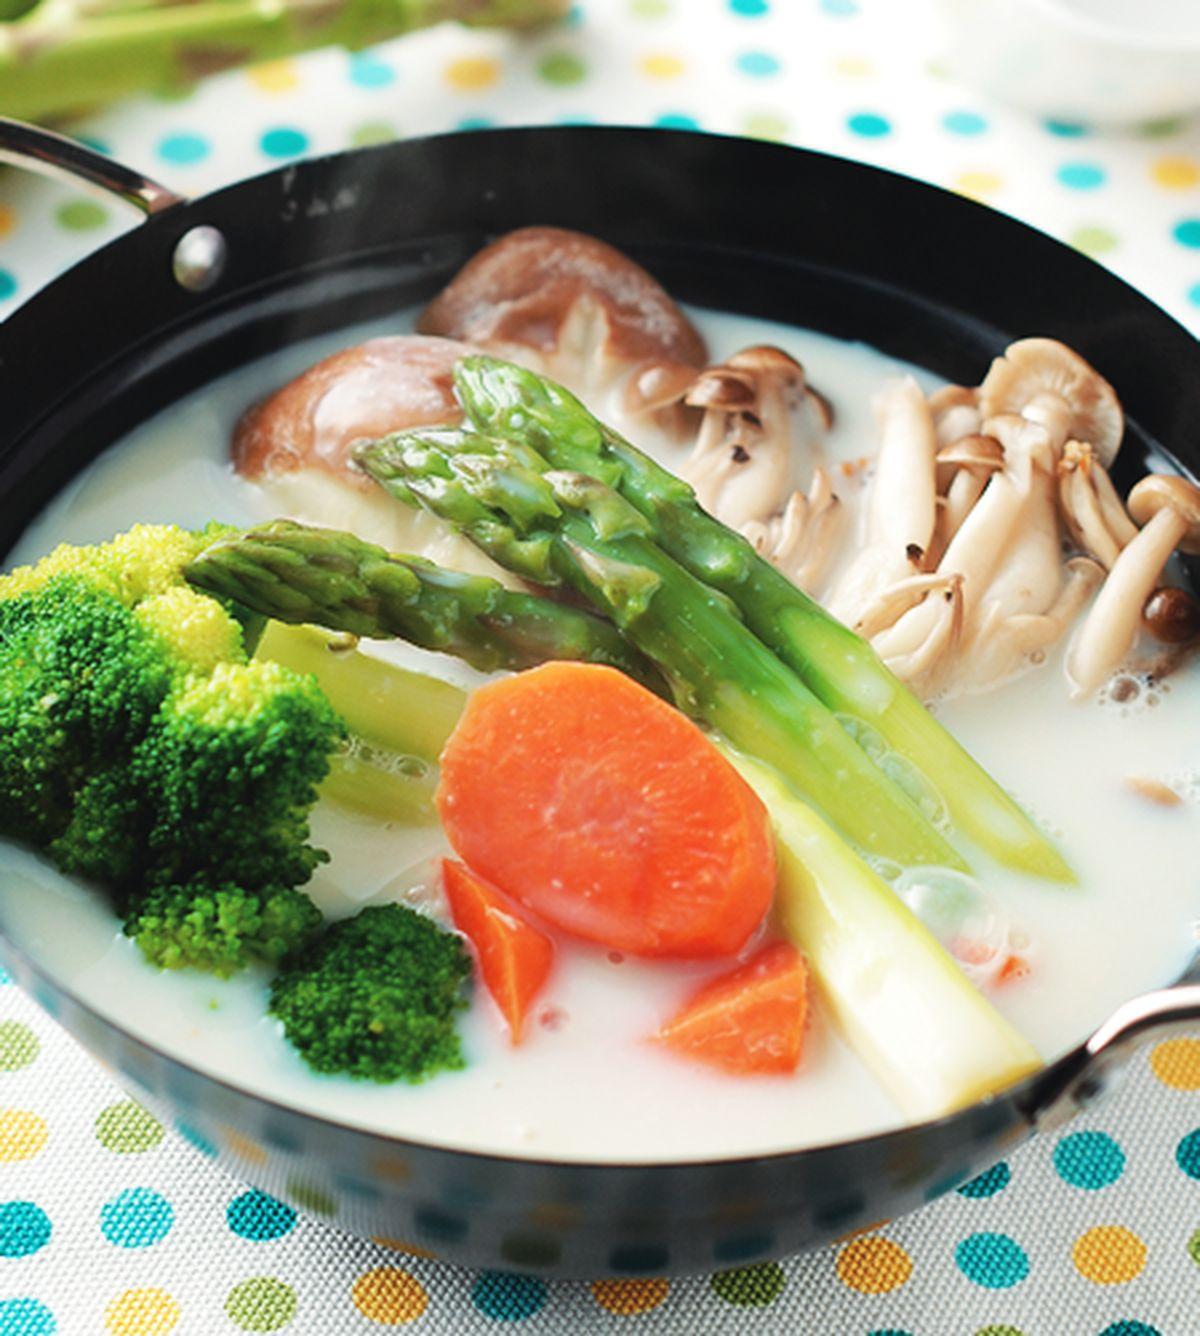 食譜:蘆筍鮮菇豆漿鍋